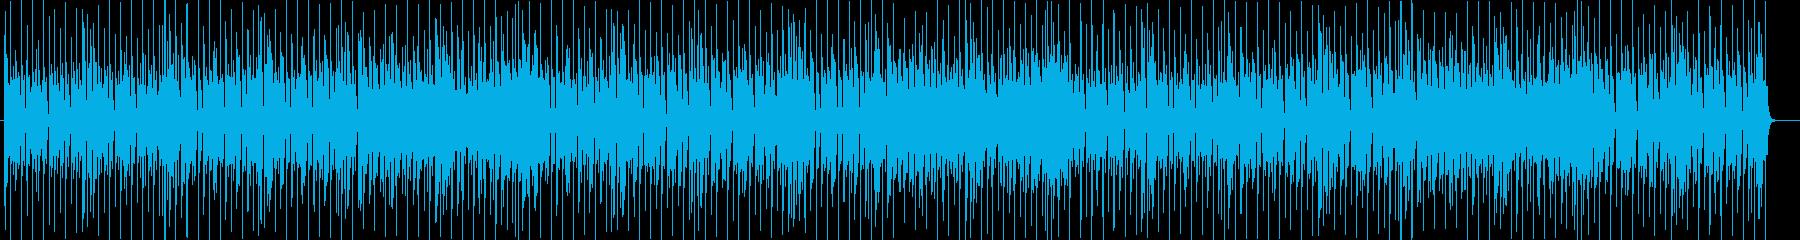 わくわく感のシンセ・ギターなどの曲の再生済みの波形